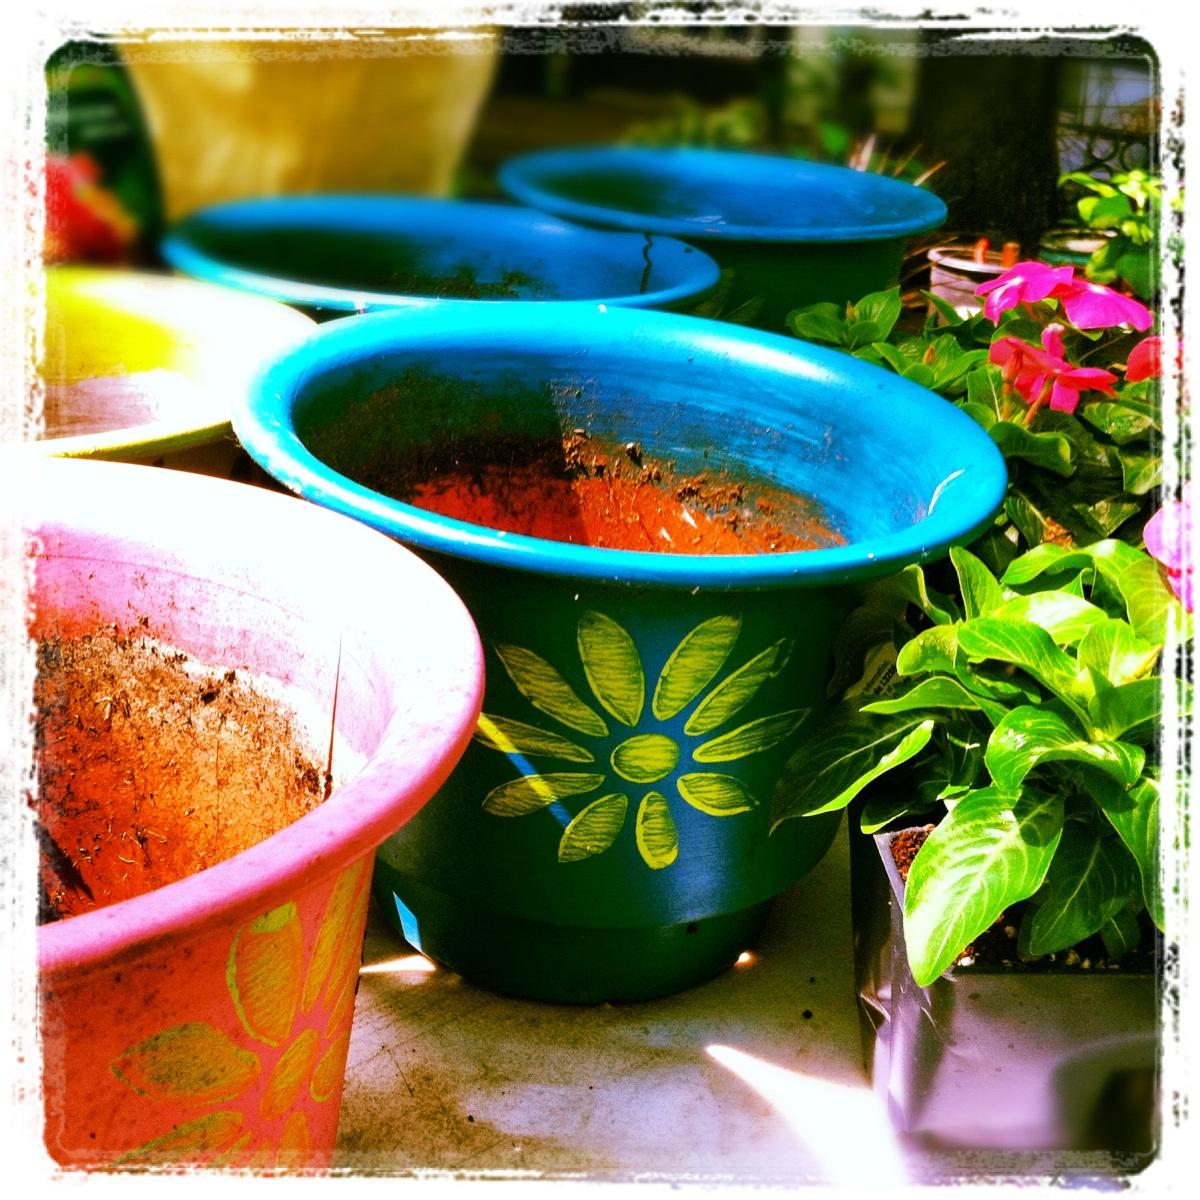 Cheap plastic pots, fun paint